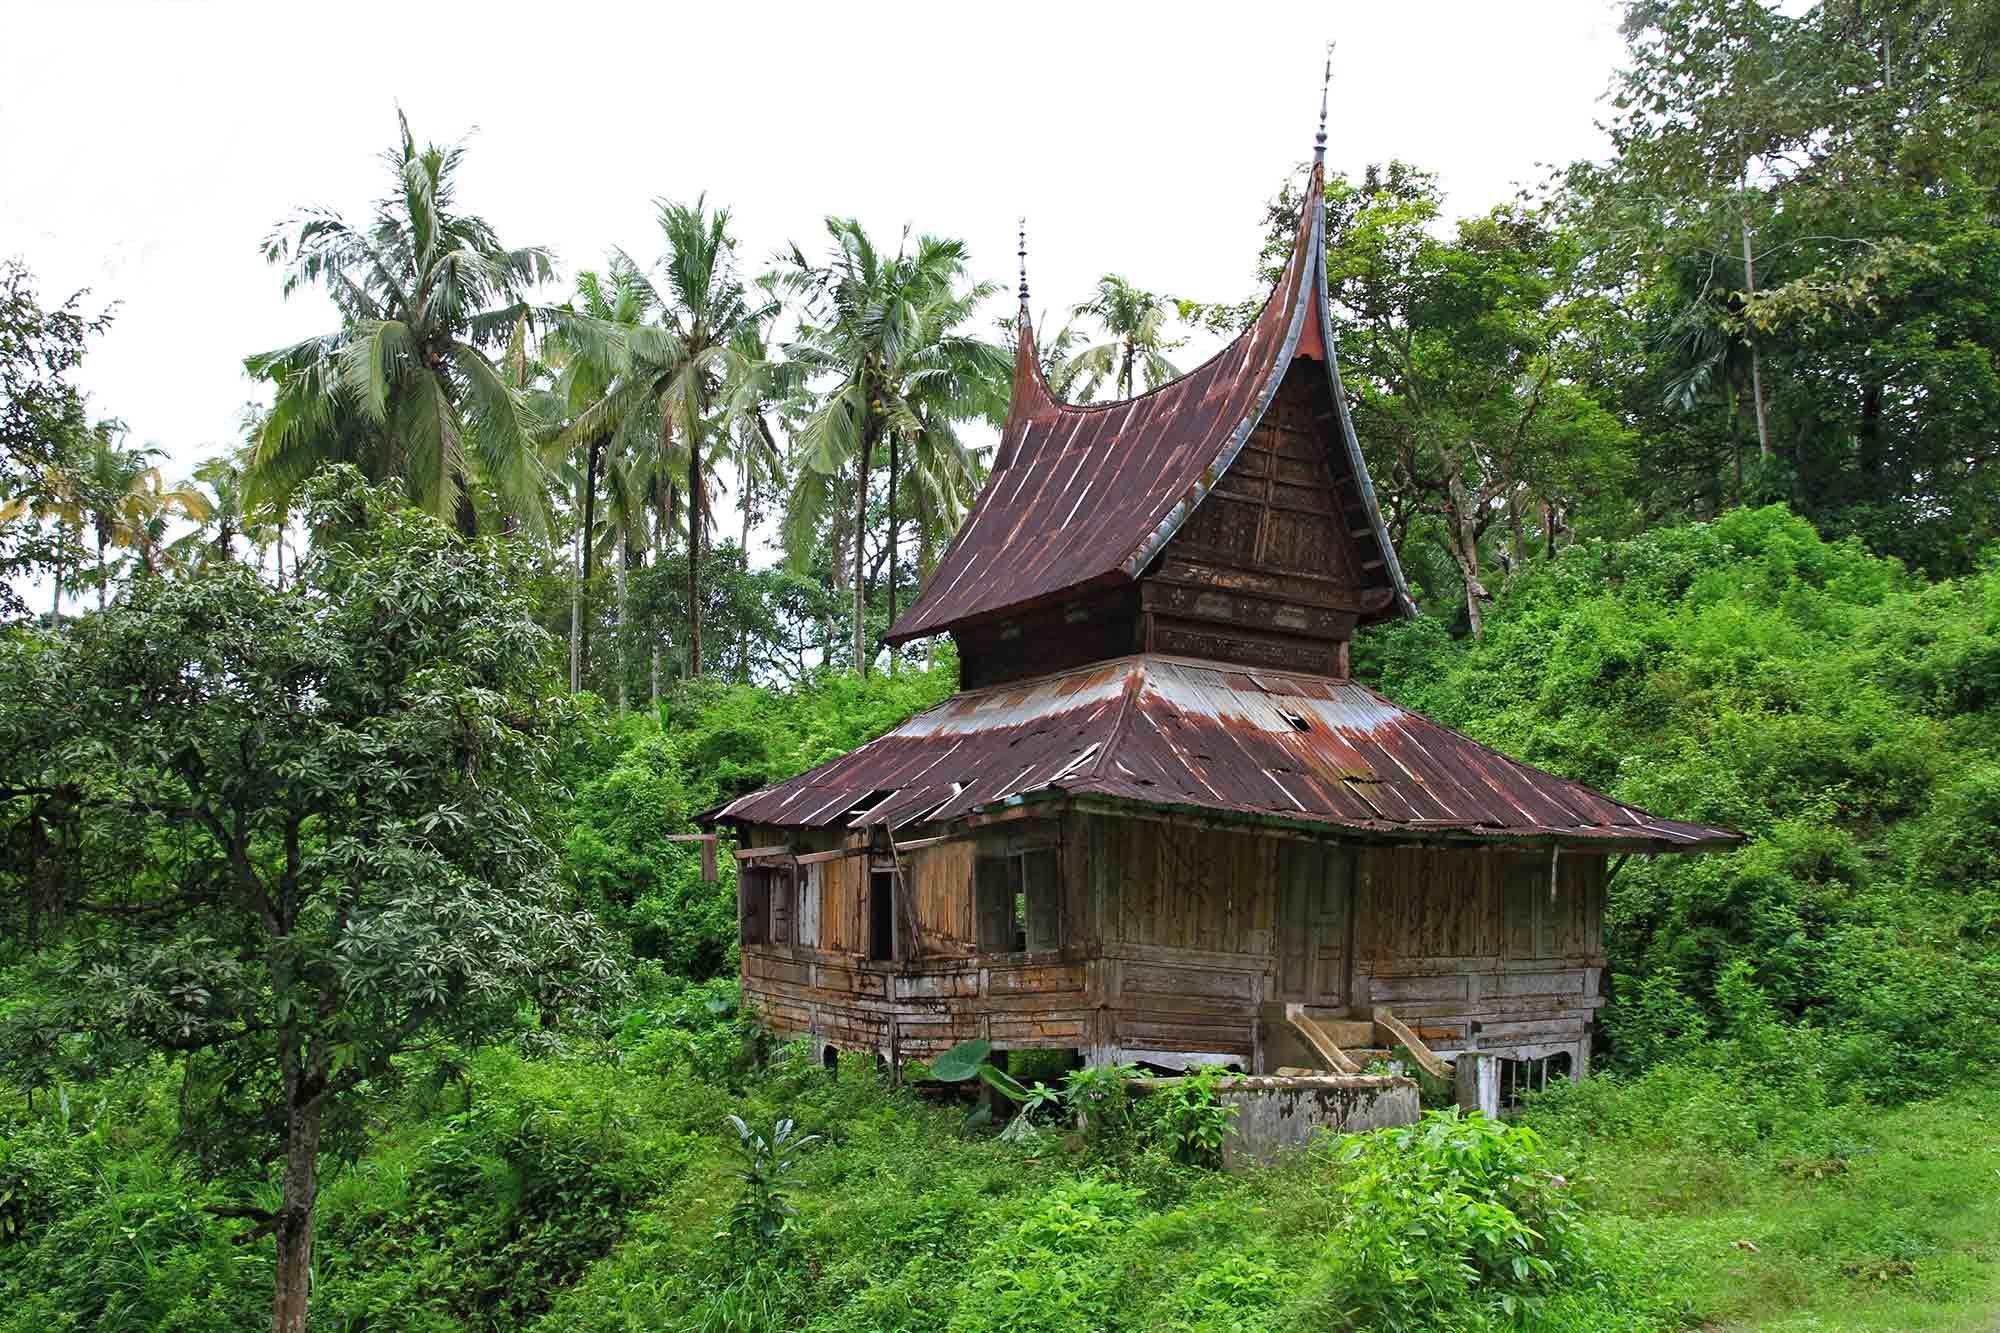 Indonesia 2013 (con imágenes) Indonesia, Casas, Tradicional